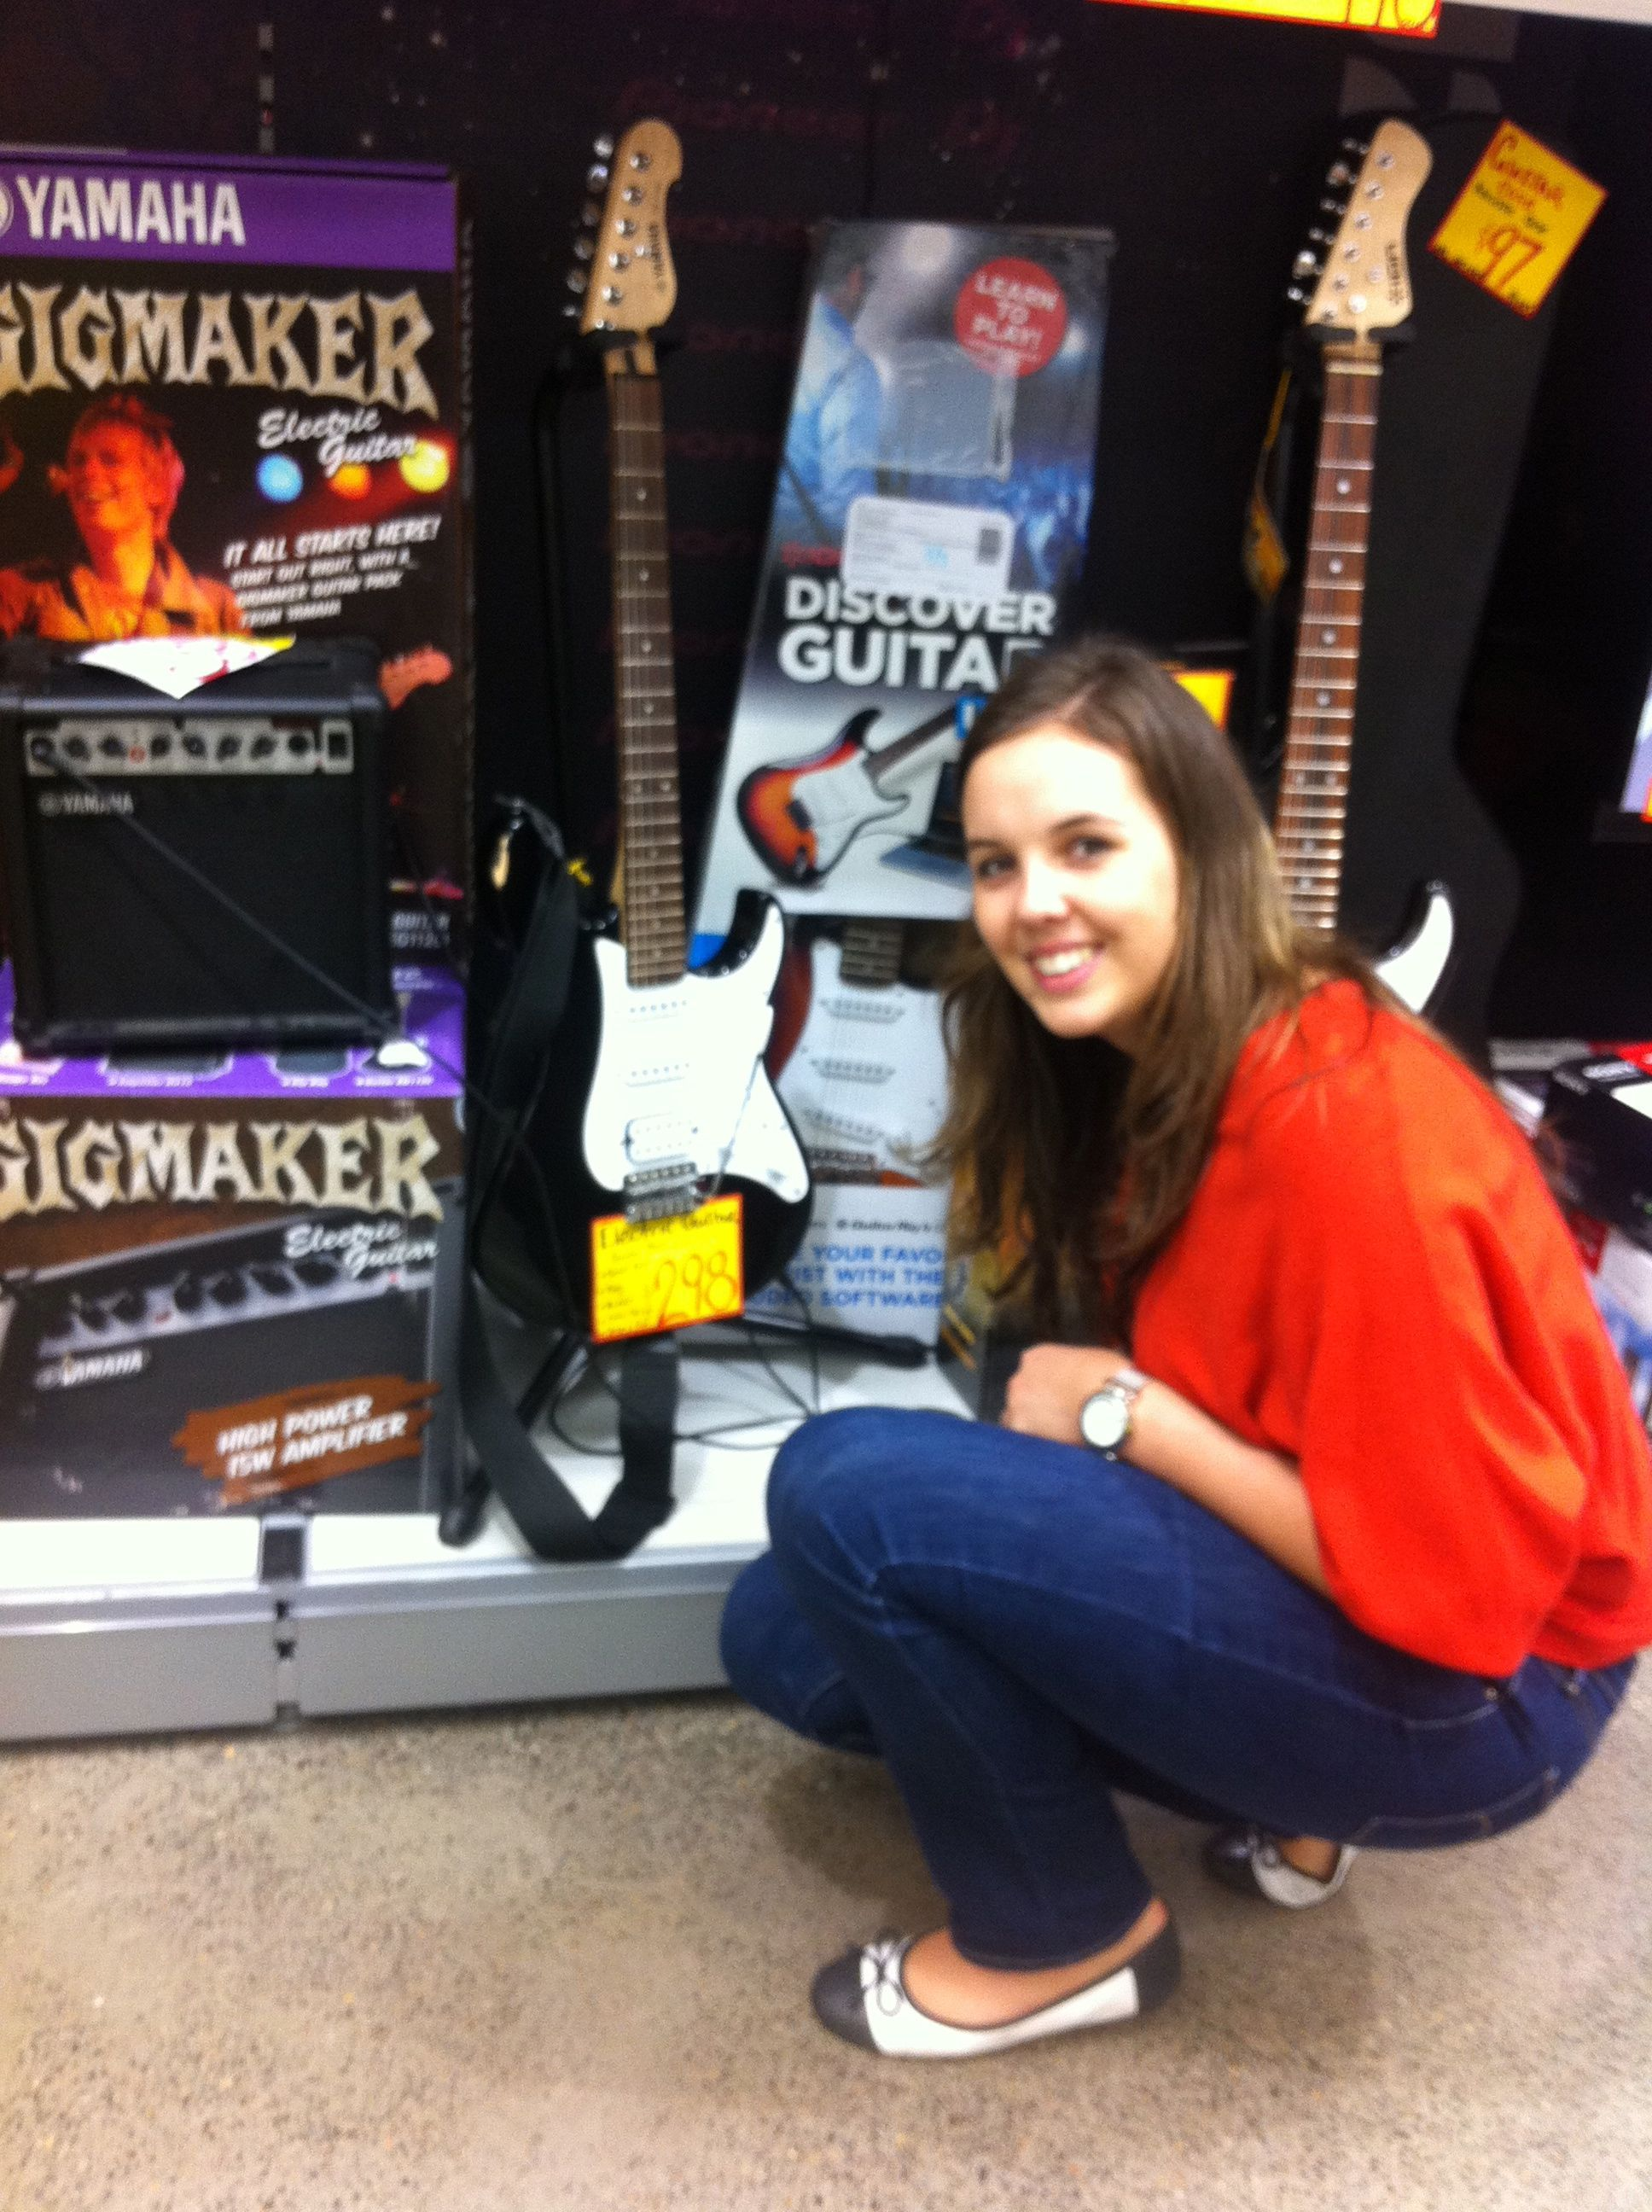 Sasha Jb Hifi Yamaha Gigmaker Electric Guitar 298 00 Pic Your